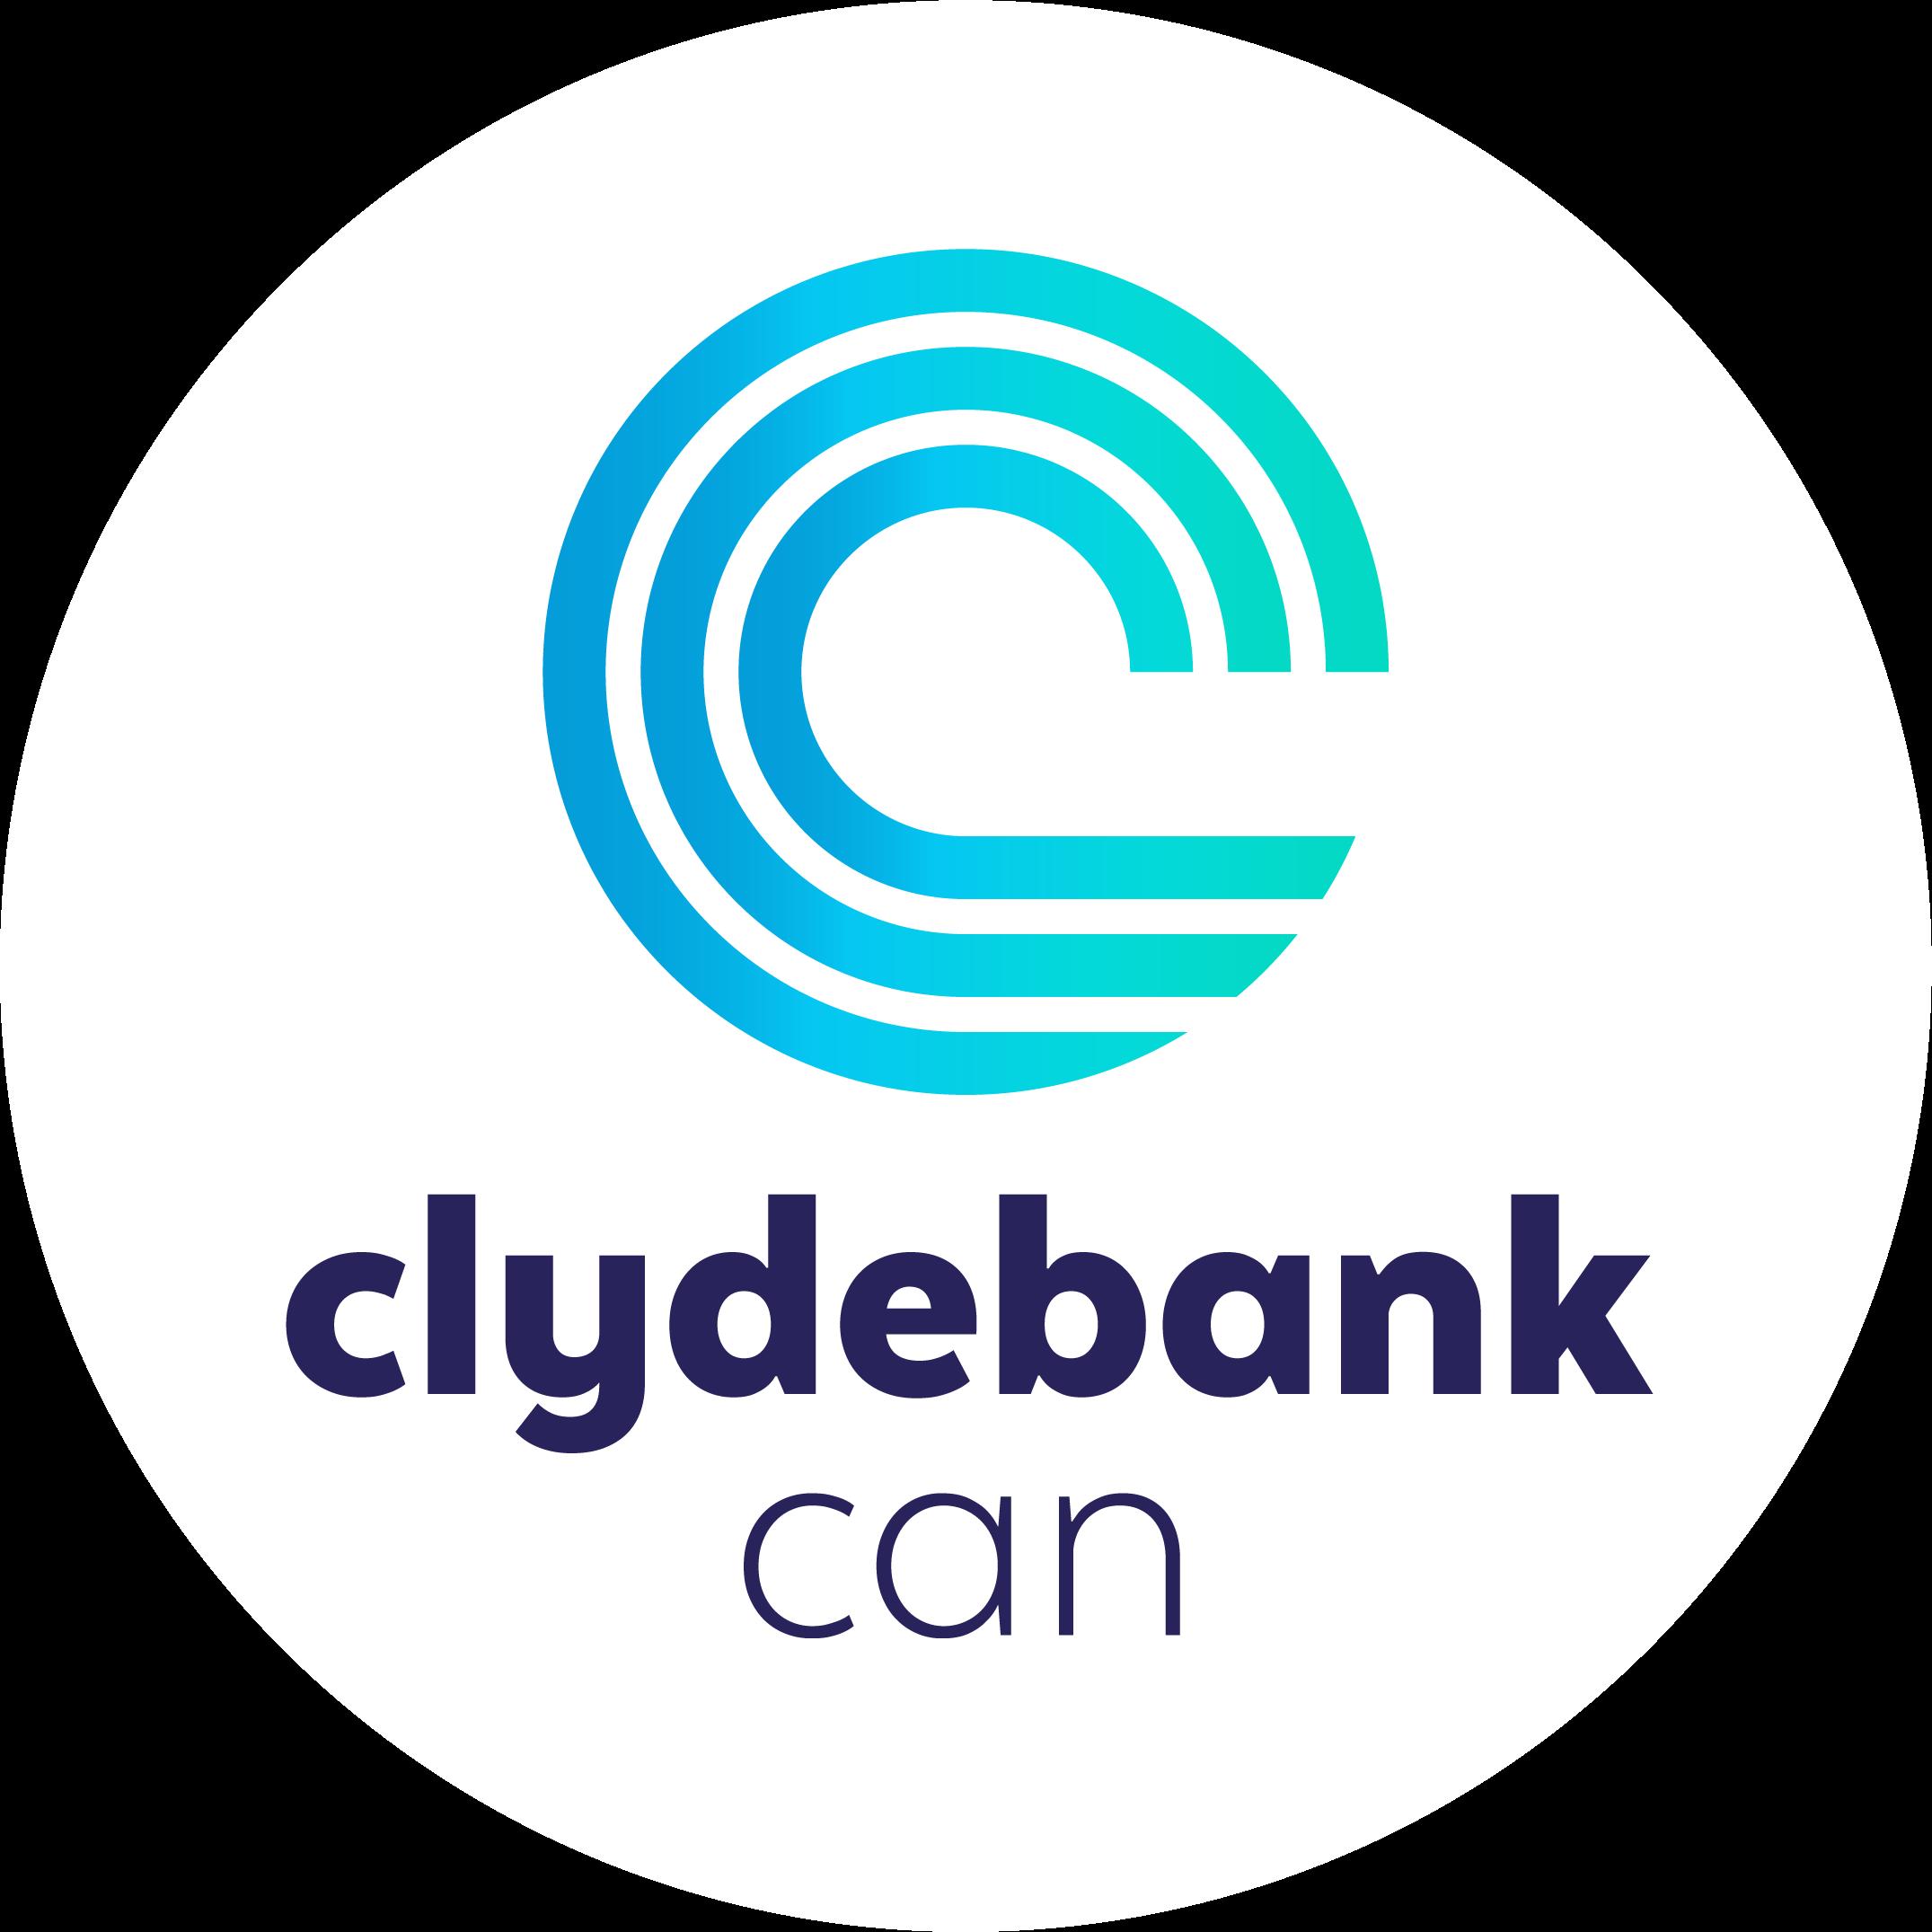 Clydebank Can logo